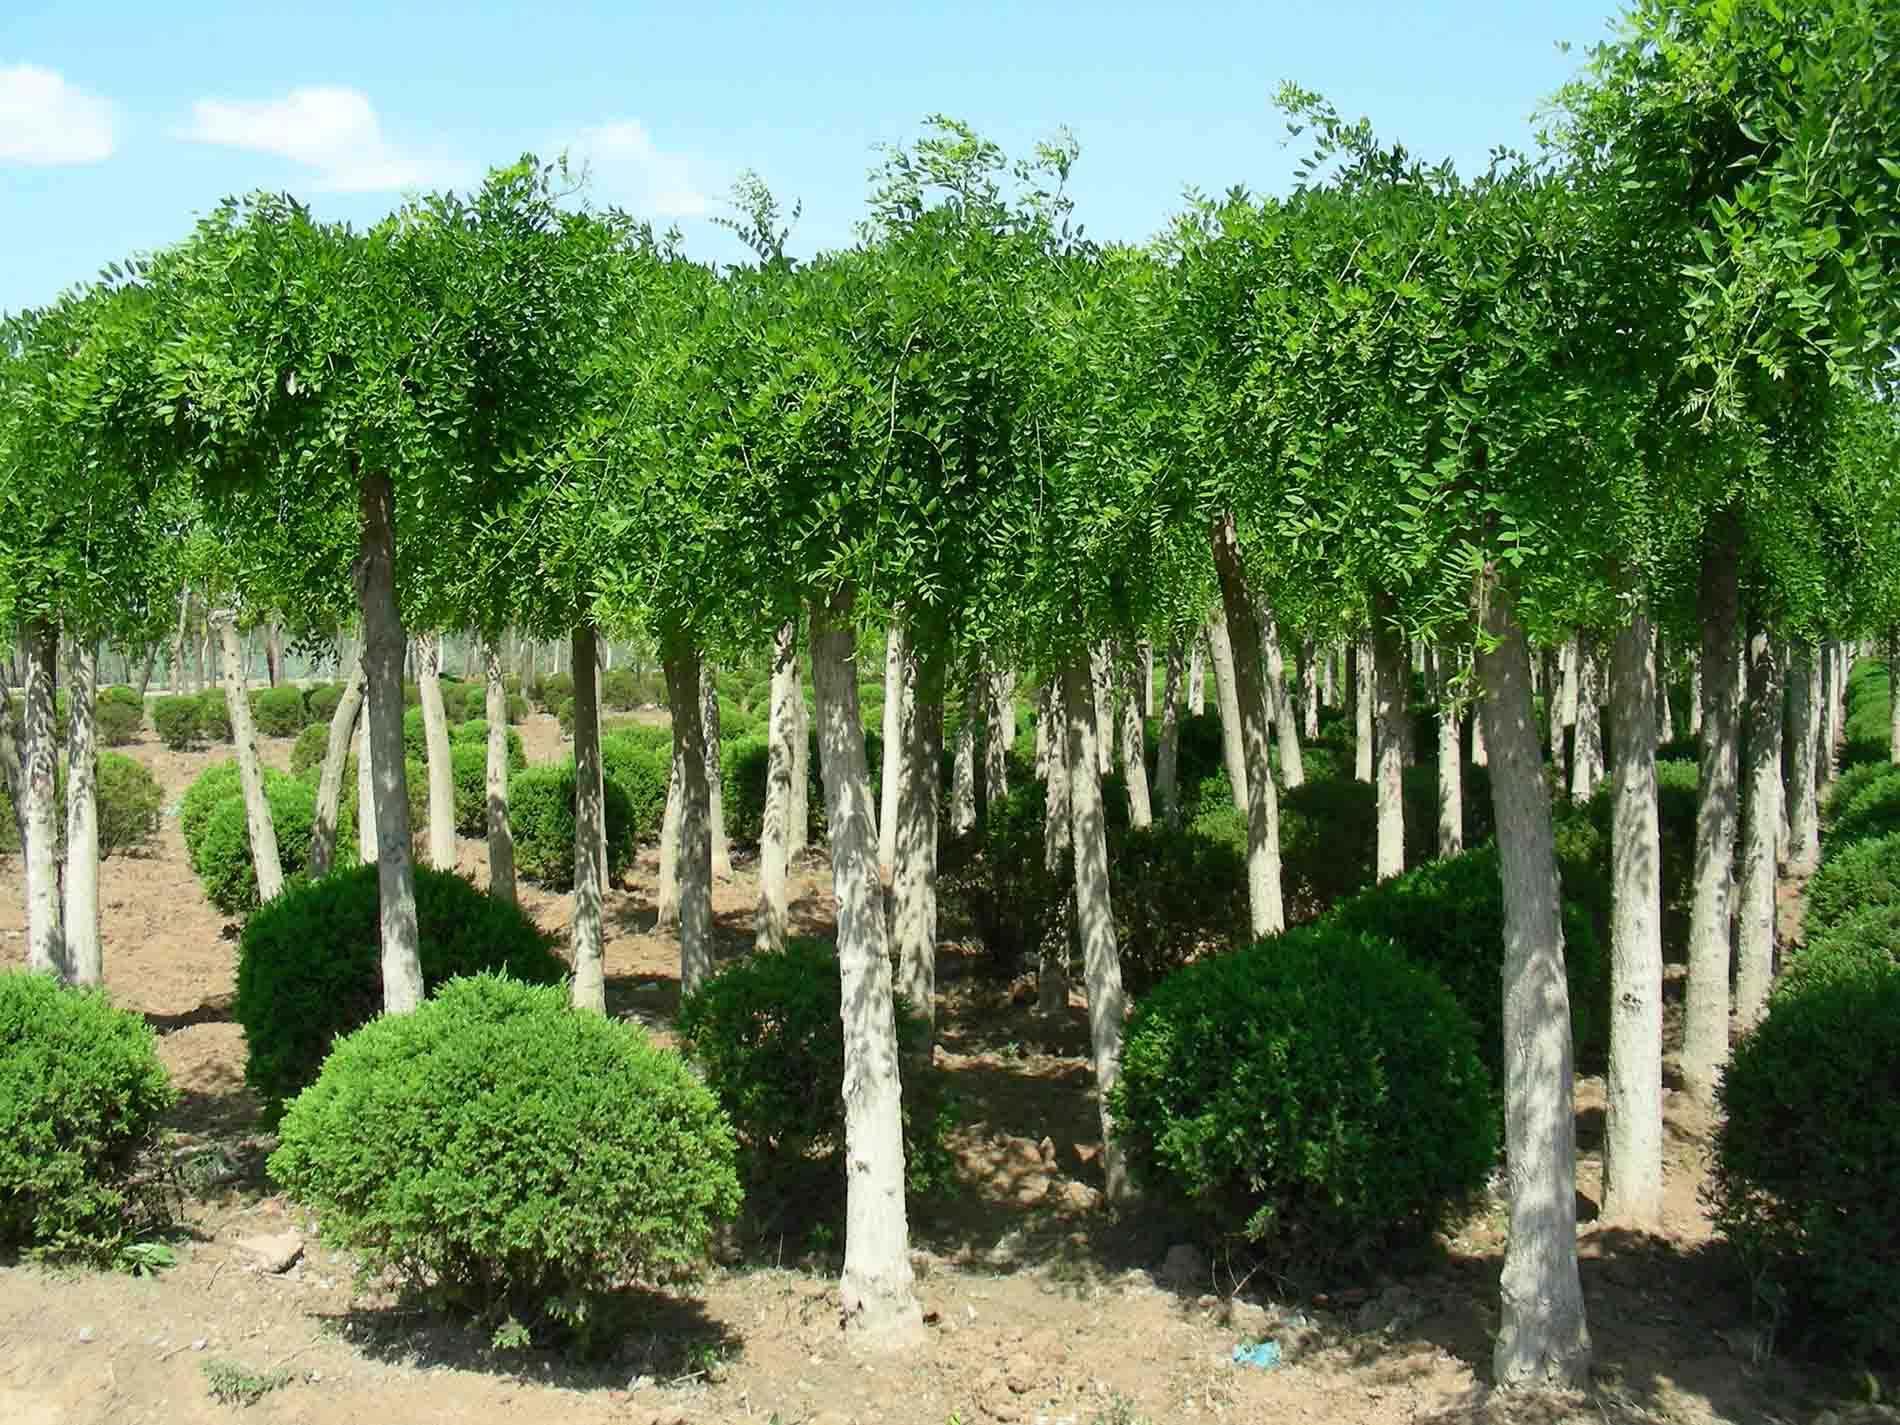 雨季苗木该如何护理